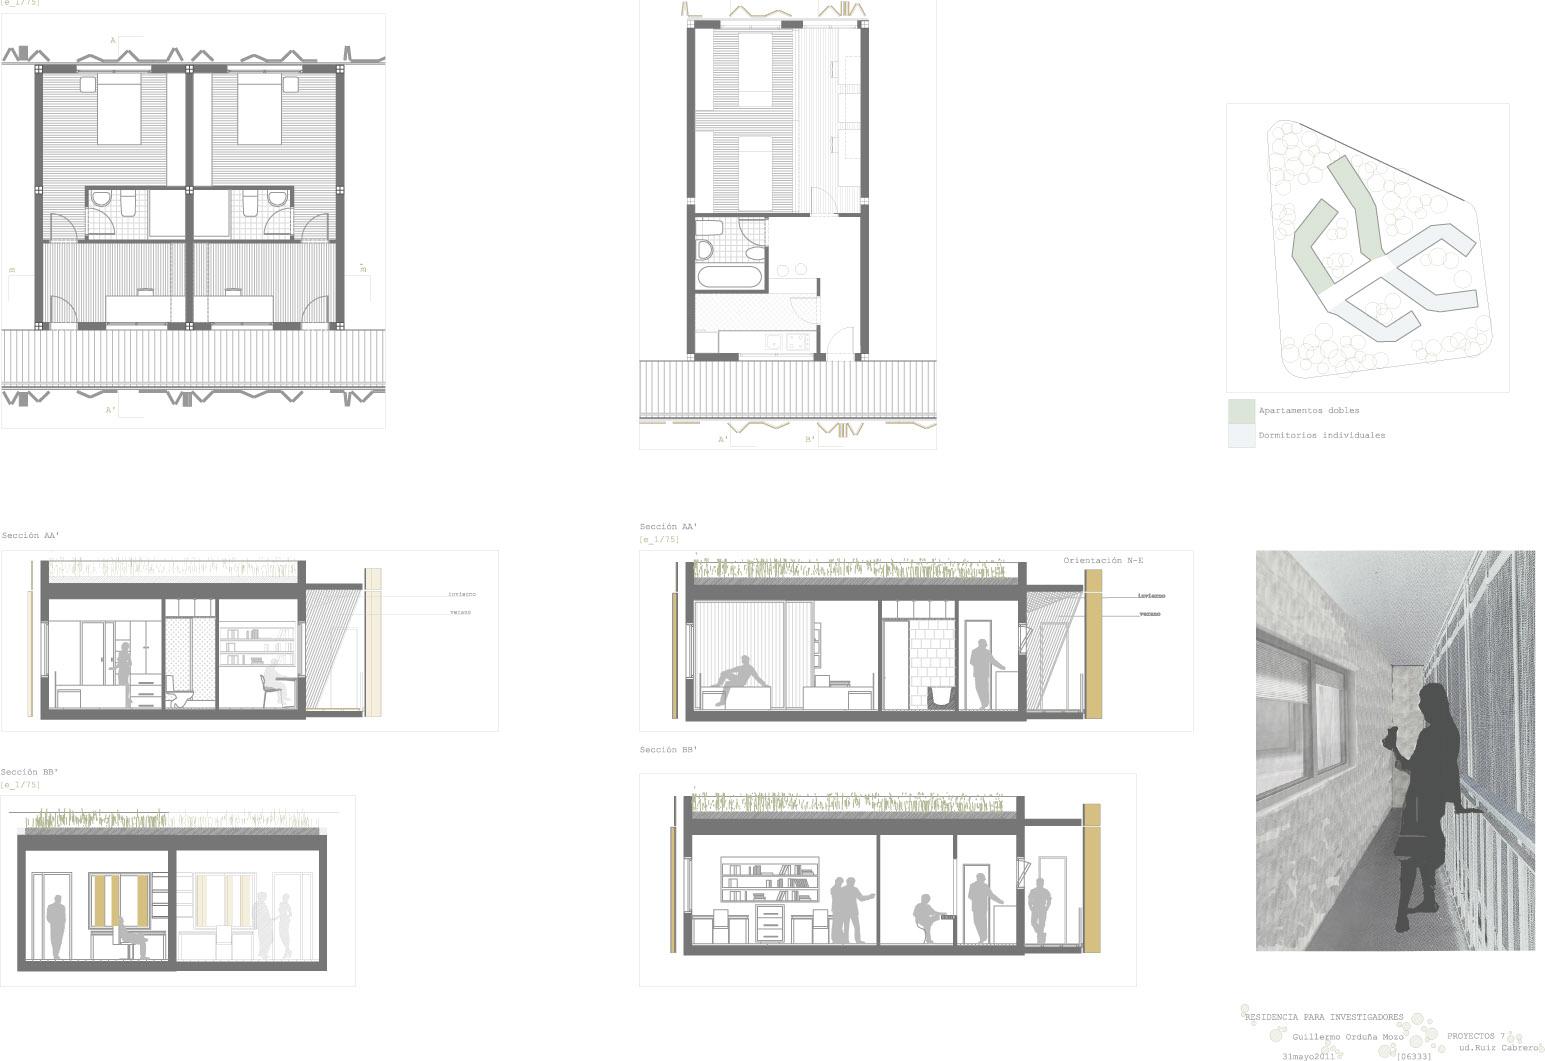 Guille ordu a proyecto anterior residencia de for Residencia para estudiantes